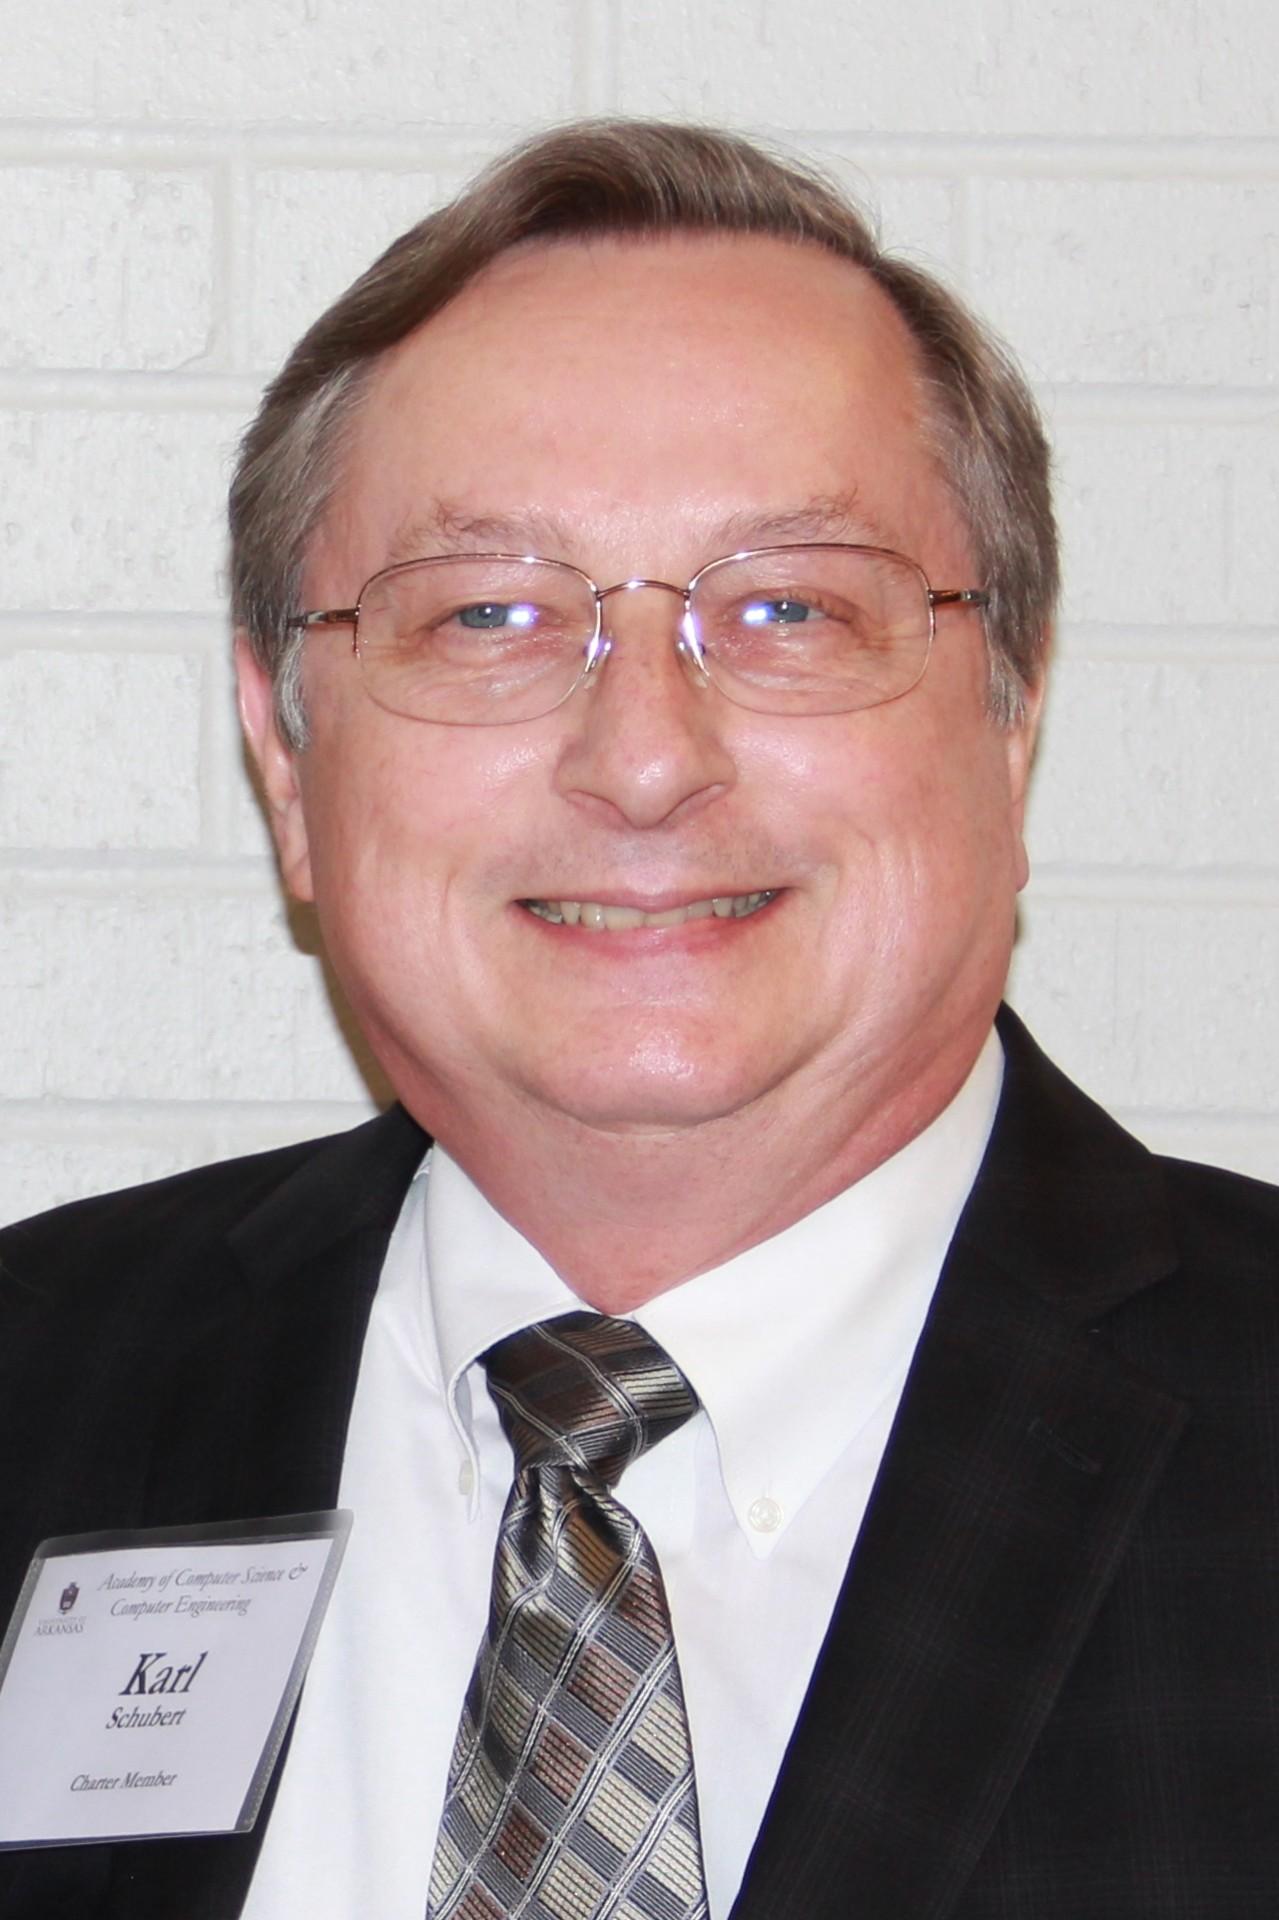 Dr. Karl D. Schubert